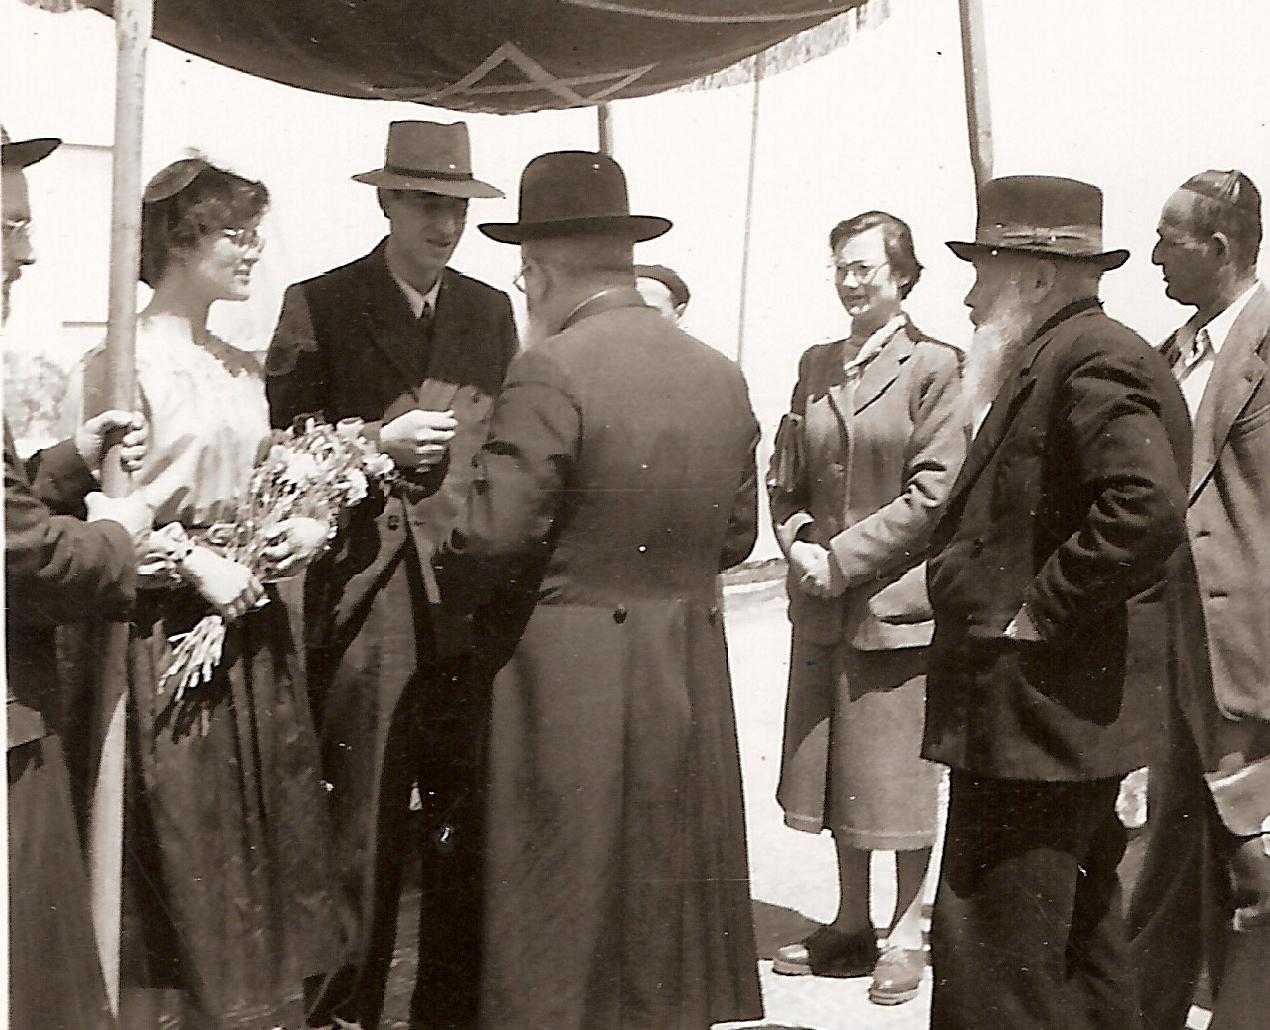 Het huwelijk tussen Isidor en zijn derde vrouw Anneke.